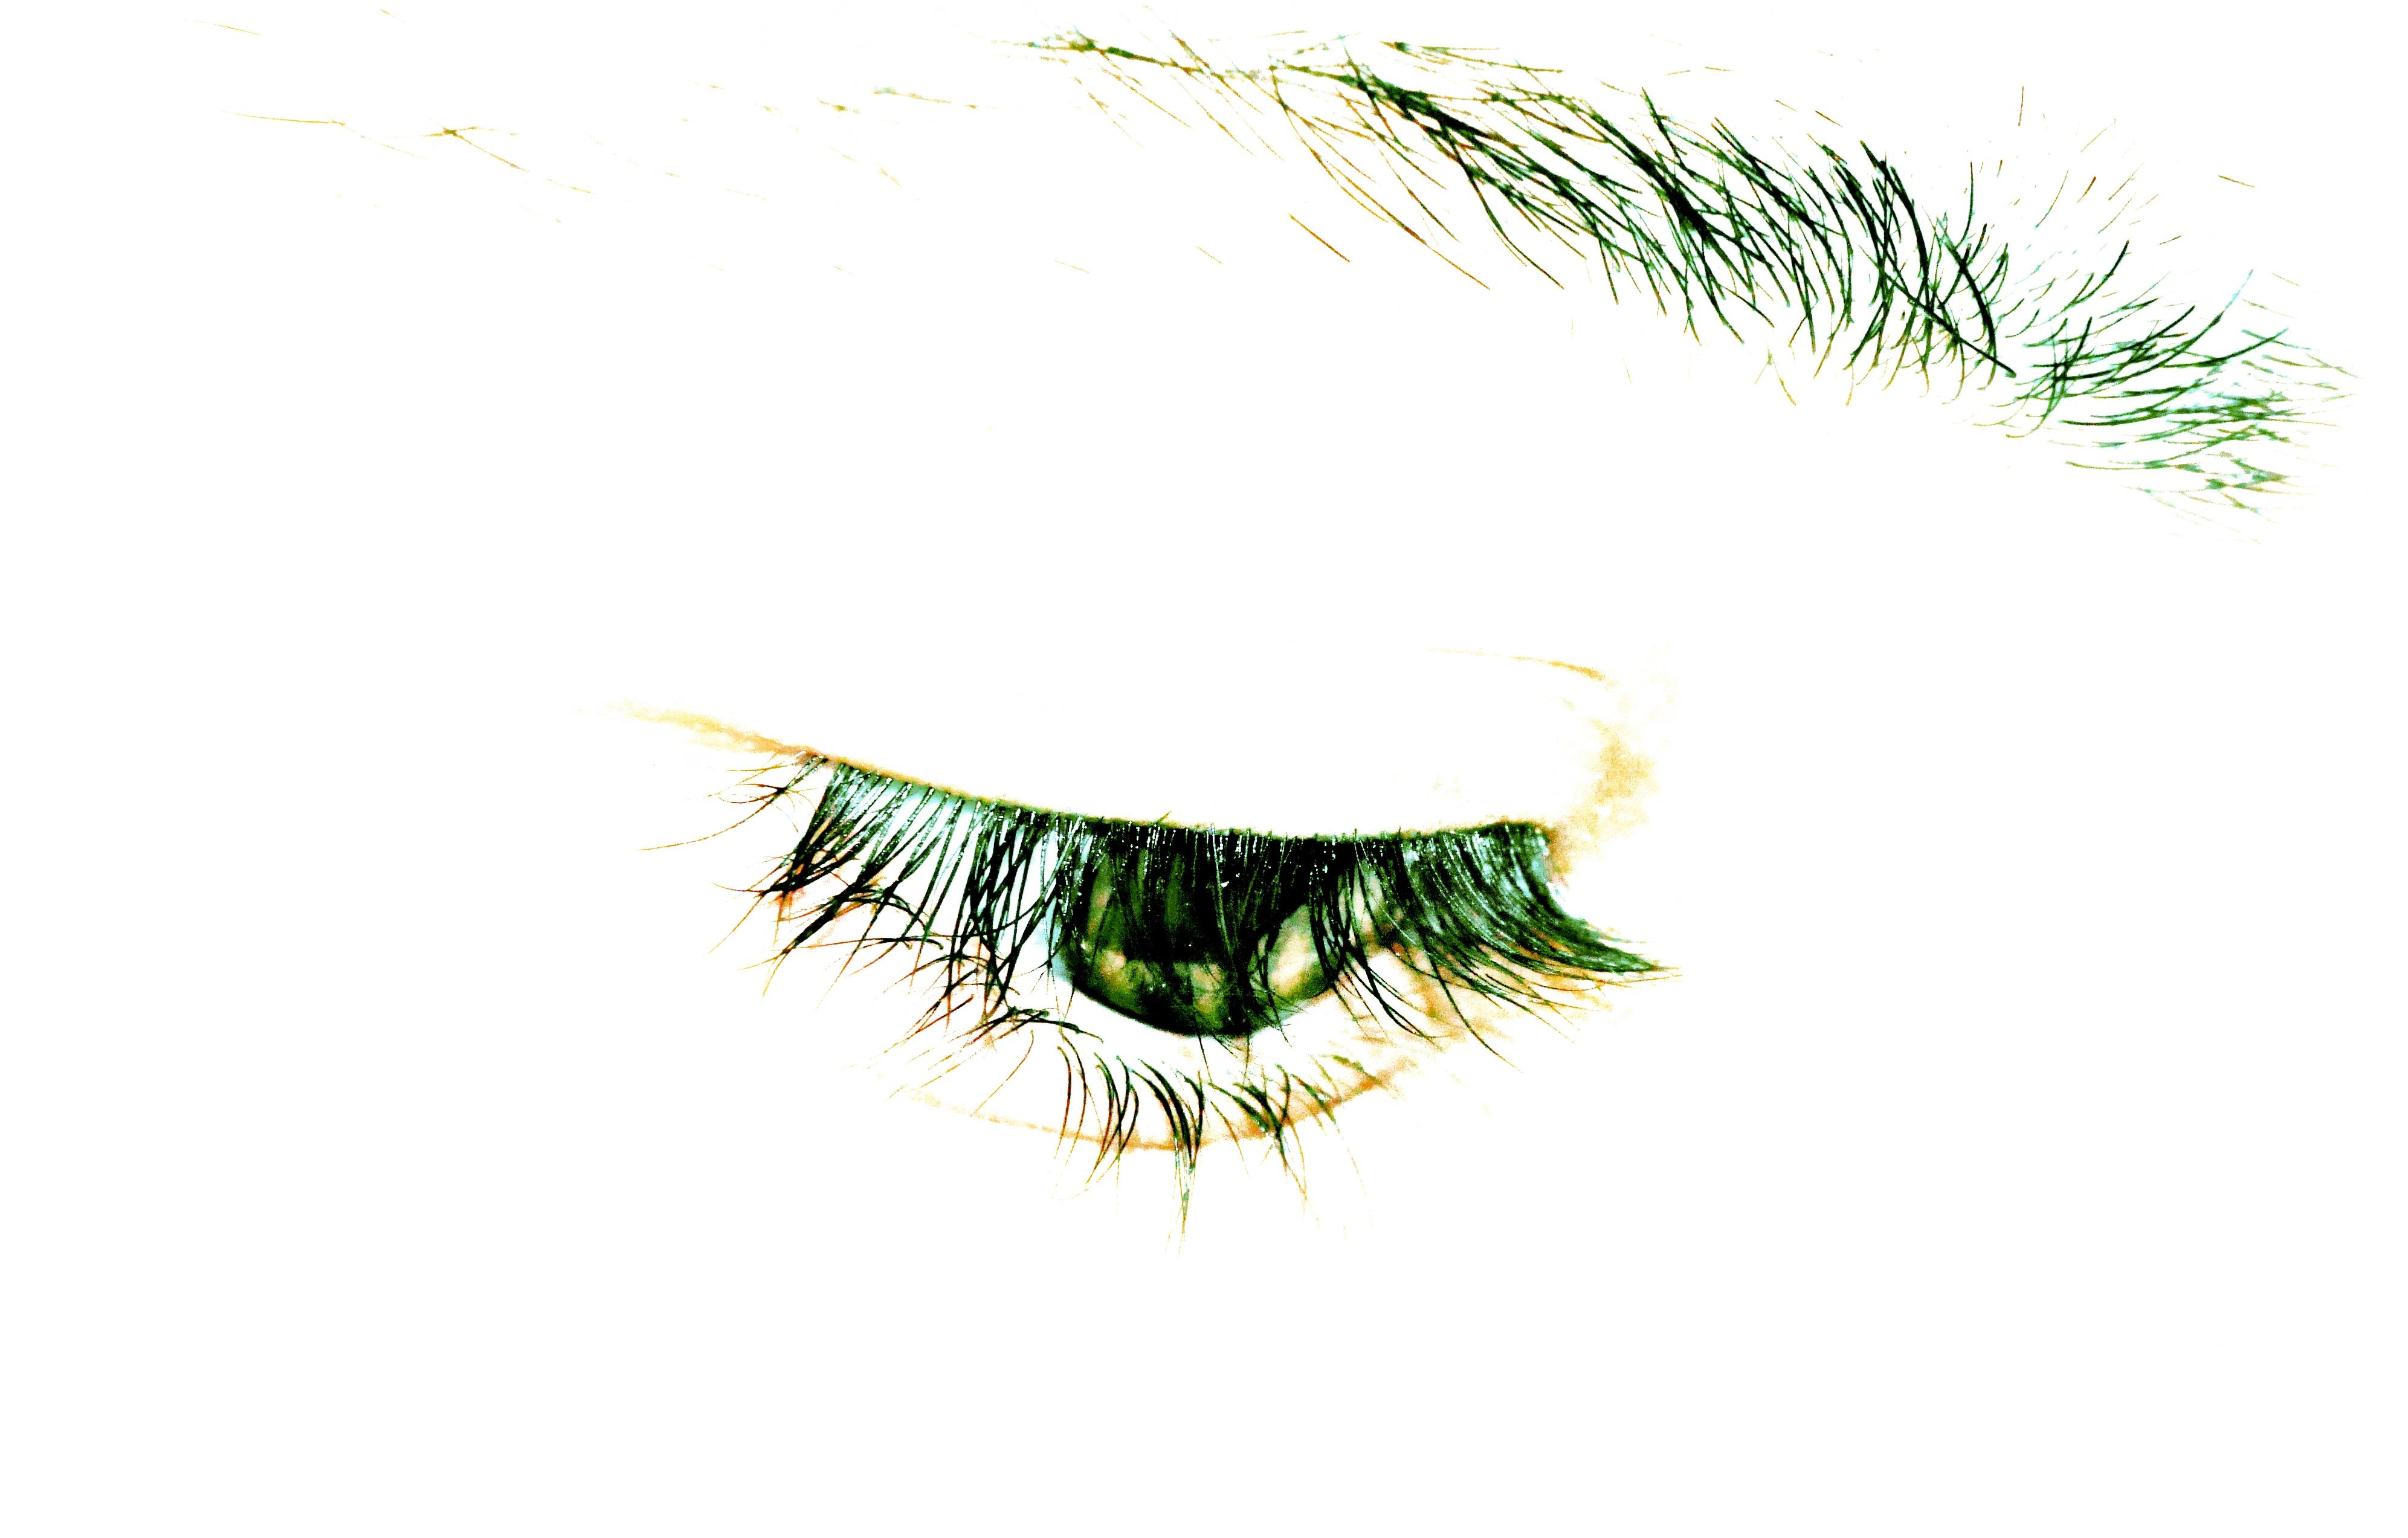 Eye to Eye III